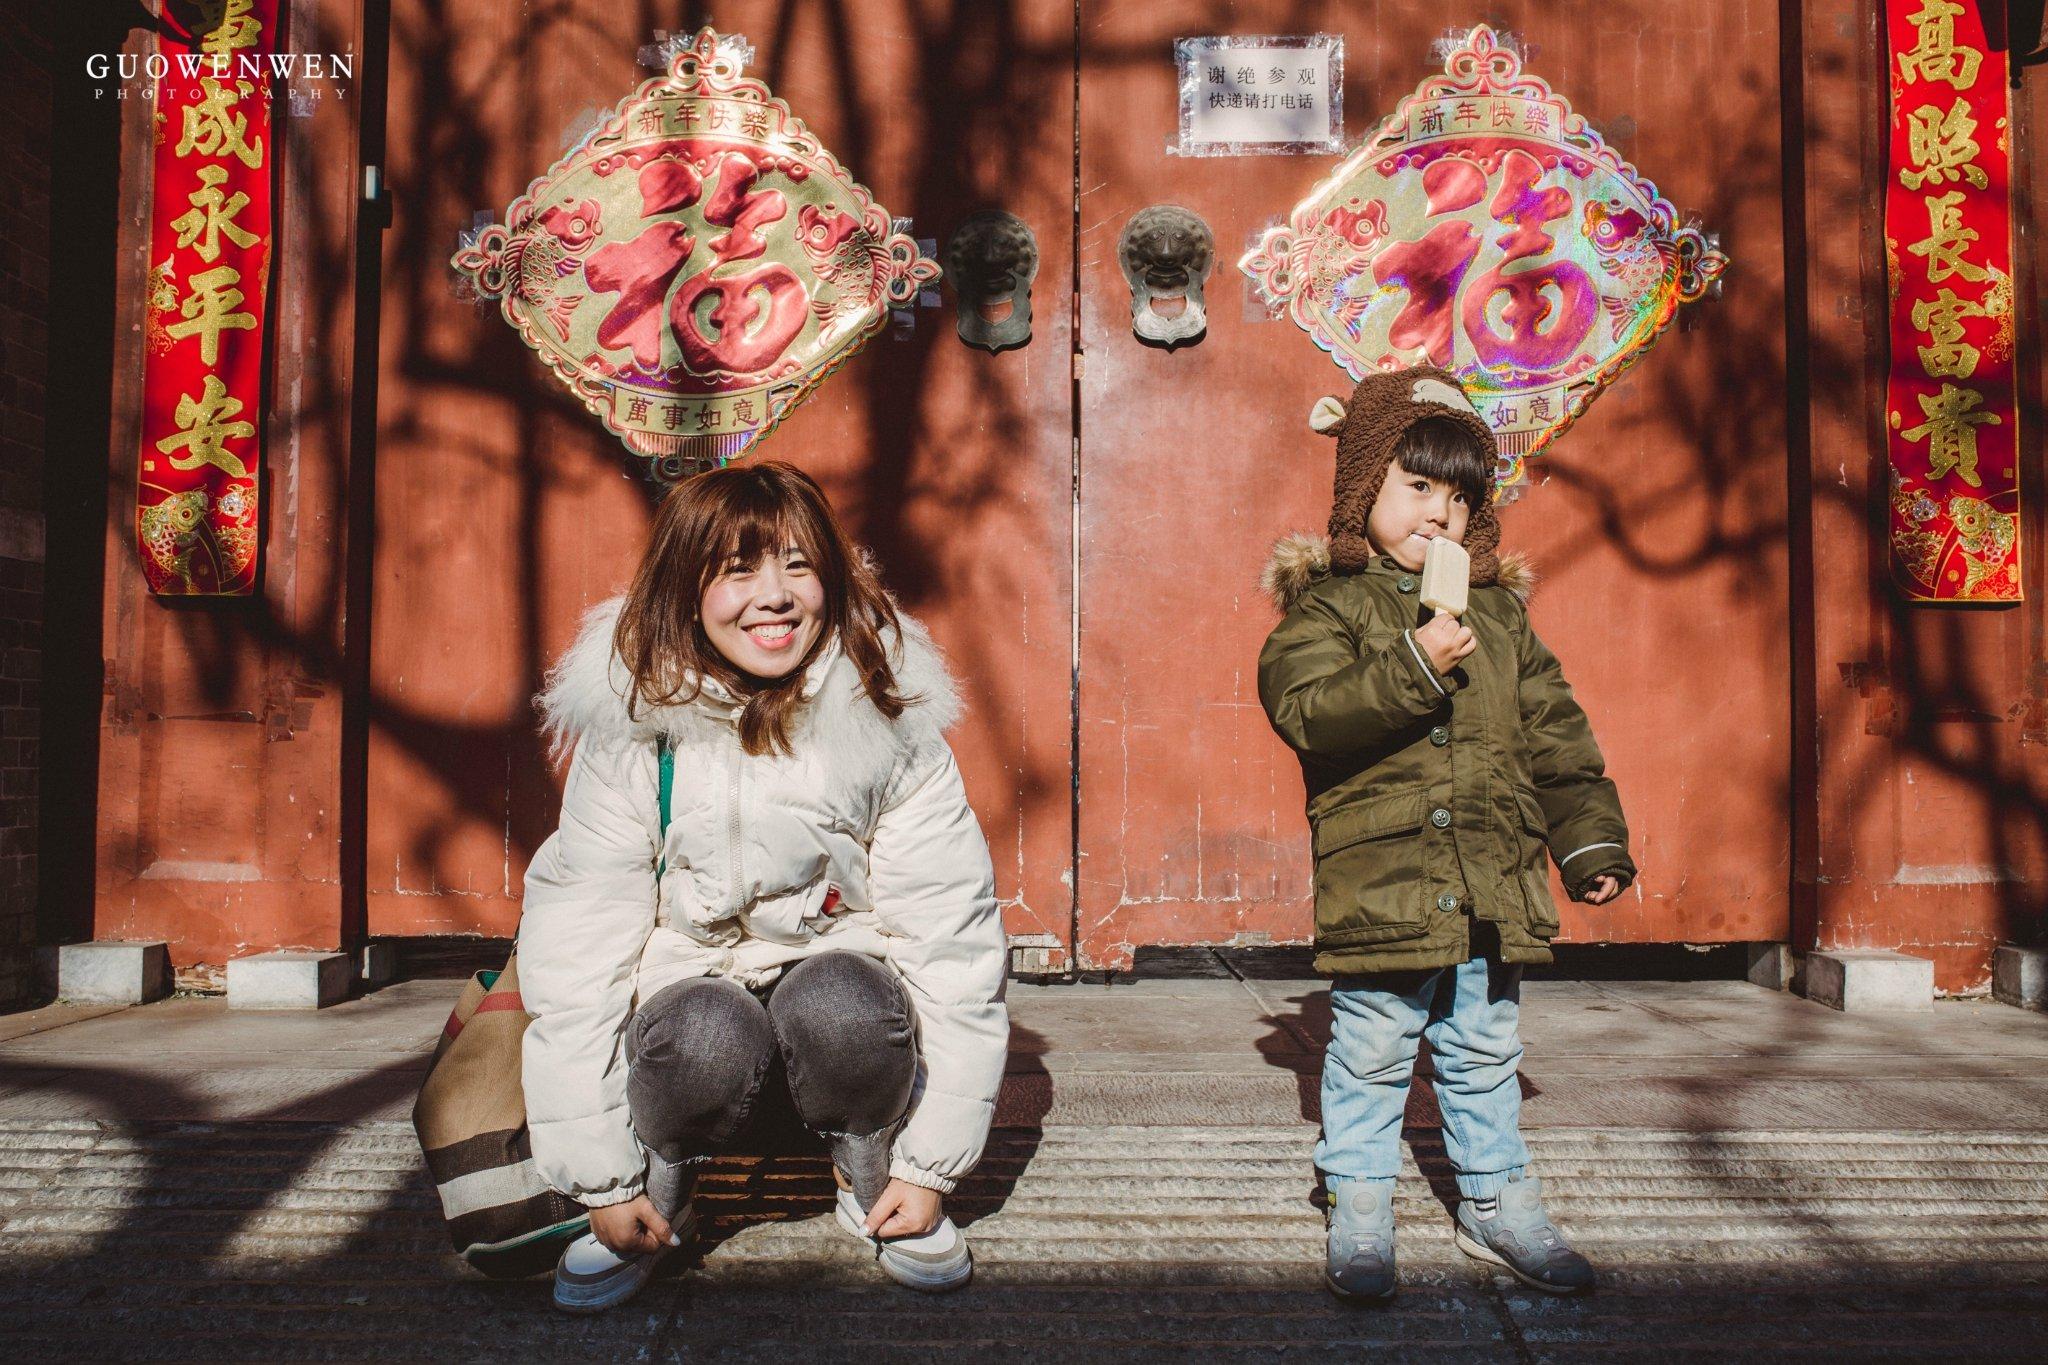 冬日里的暖阳胡同口的笑,这就是我心目中的北京呀